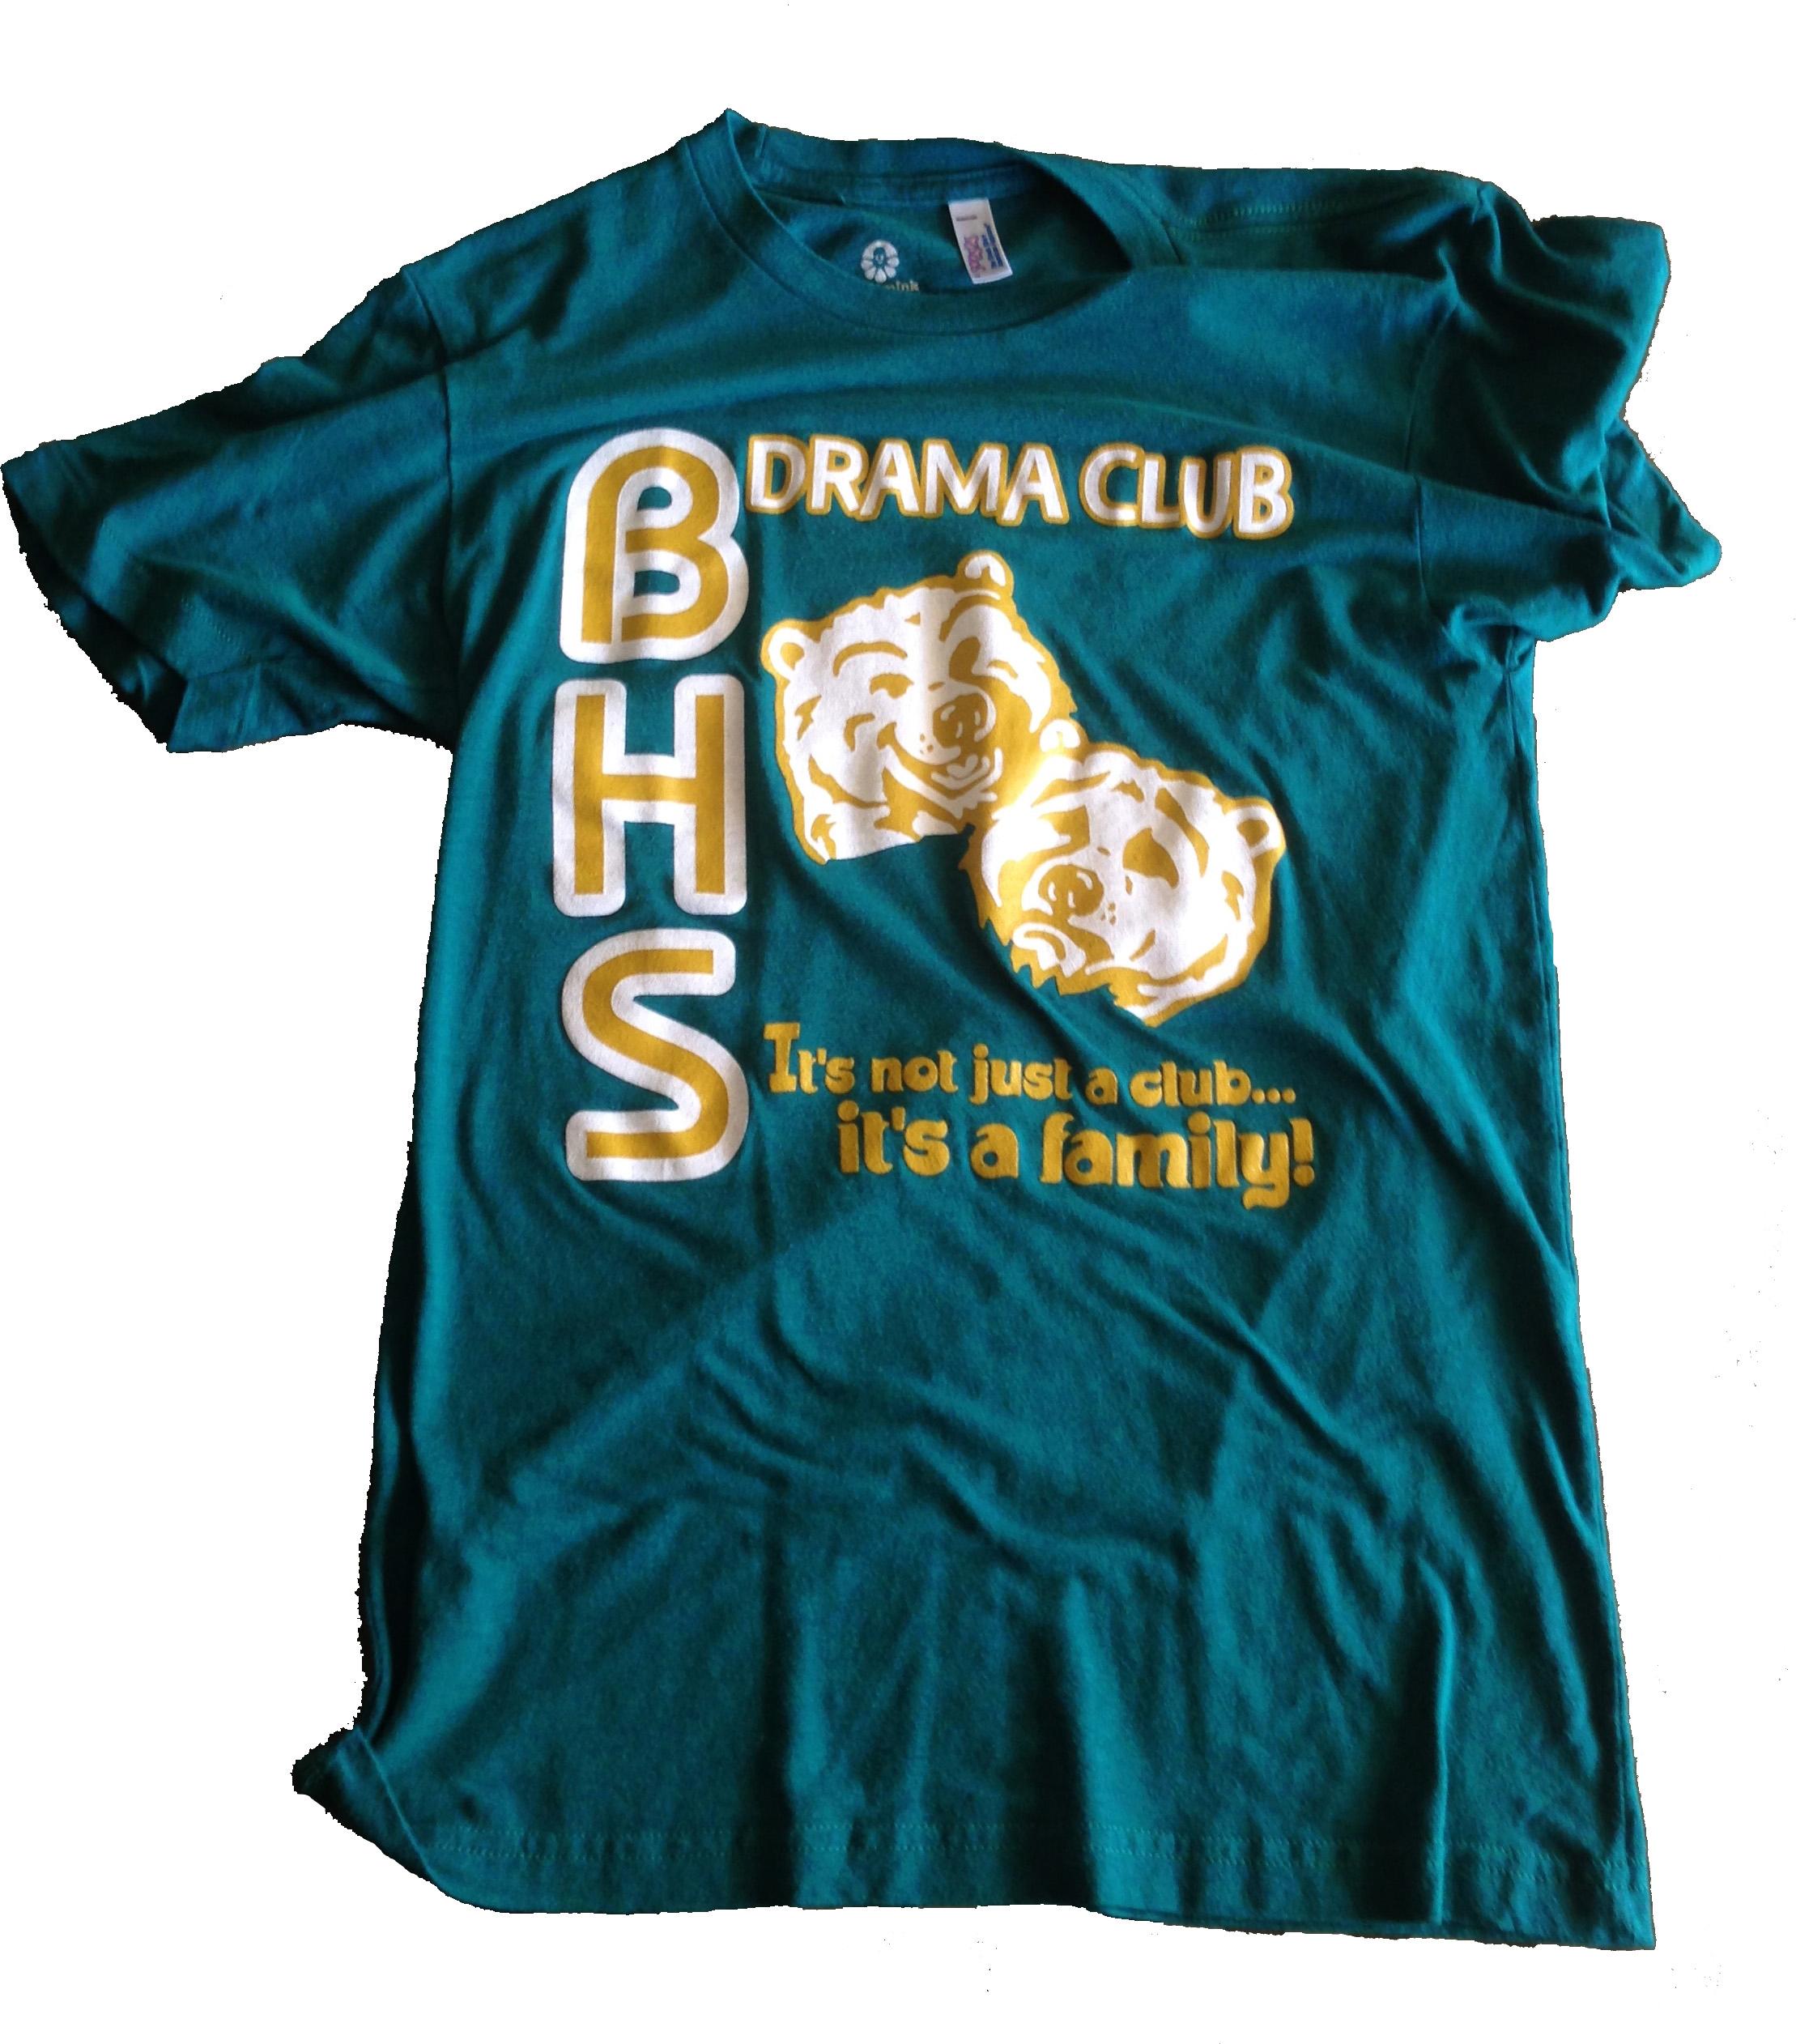 OUR FINAL DRAMA CLUB SHIRT